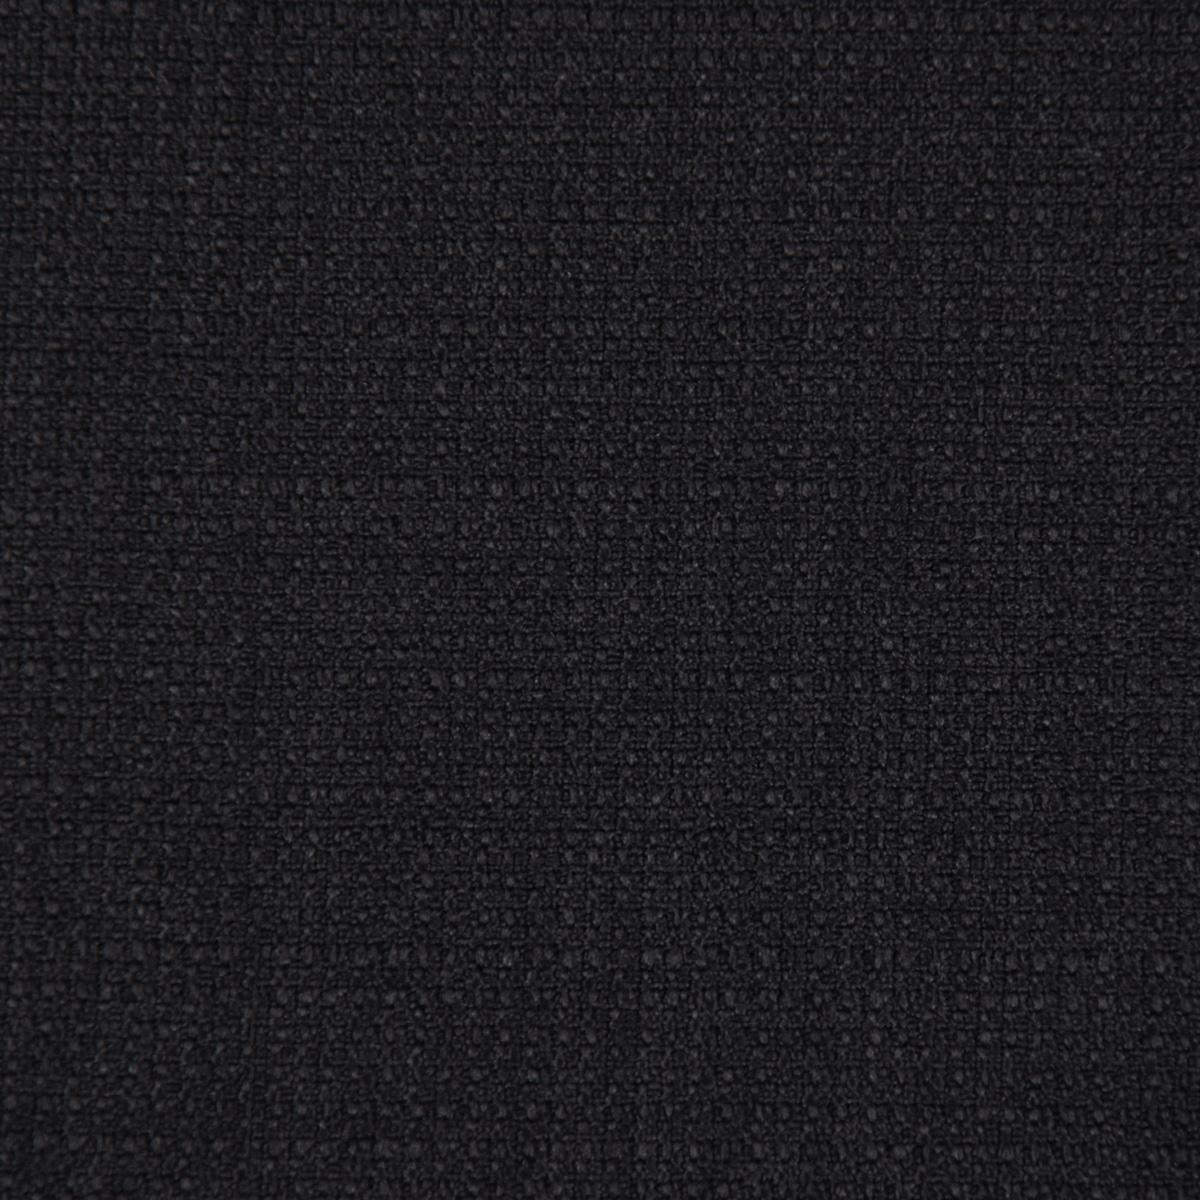 f9a18f268785 Gardinenstoff Universalstoff Dekostoff Strukturstoff einfarbig schwarz  1,48m Breite